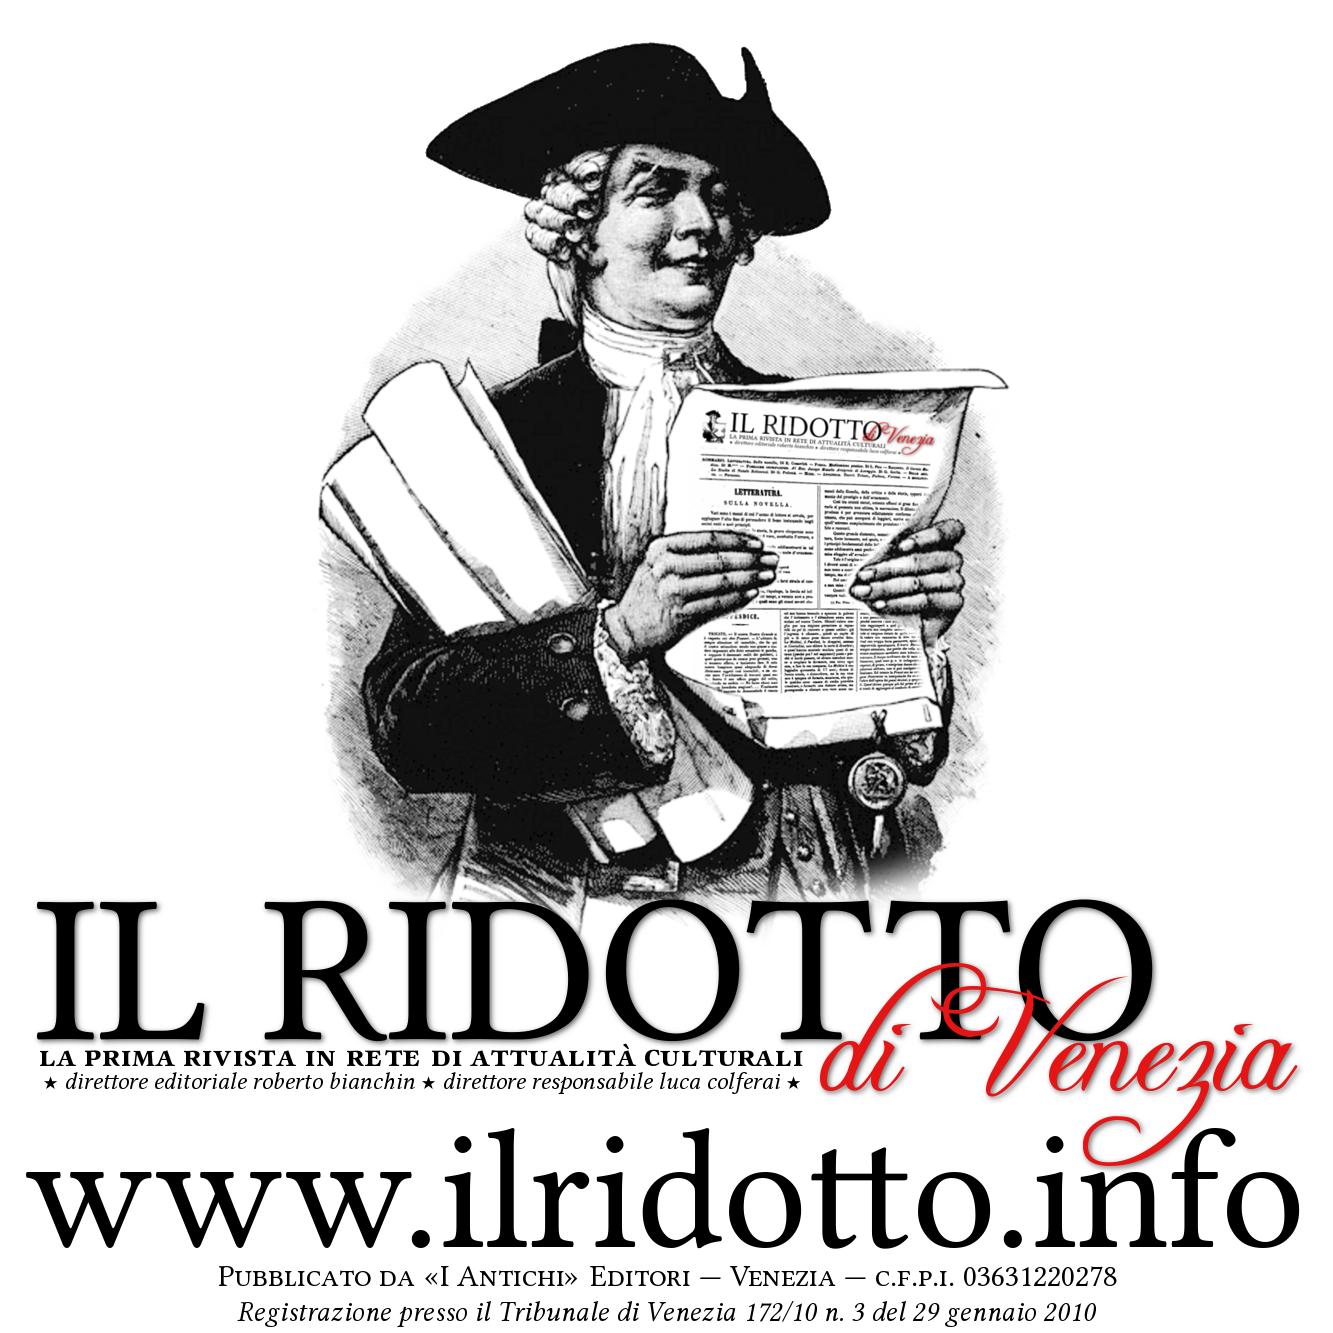 Il Ridotto di Venezia - www.ilridotto.info